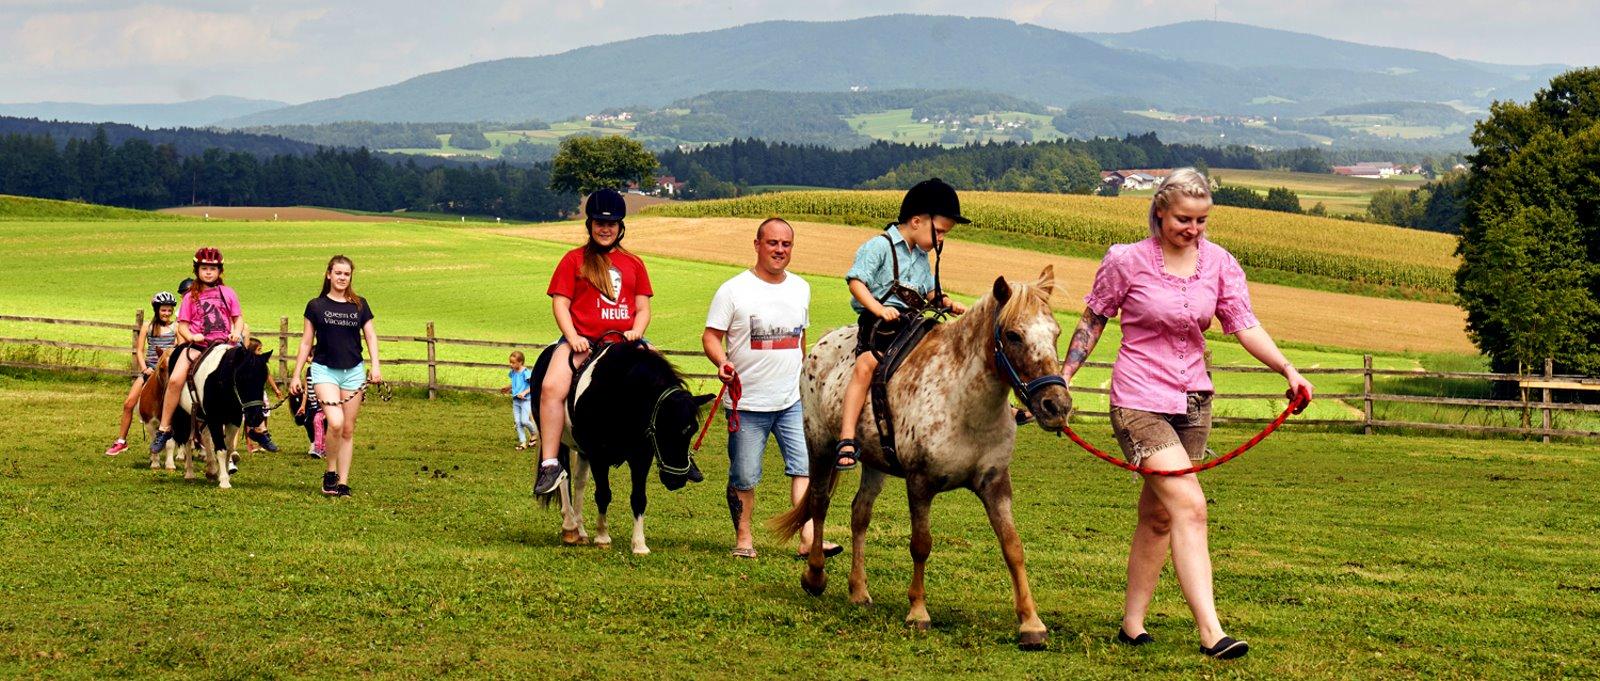 eder-kinderreiterferien-bayerischer-wald-ponyreiten-panorama-1600